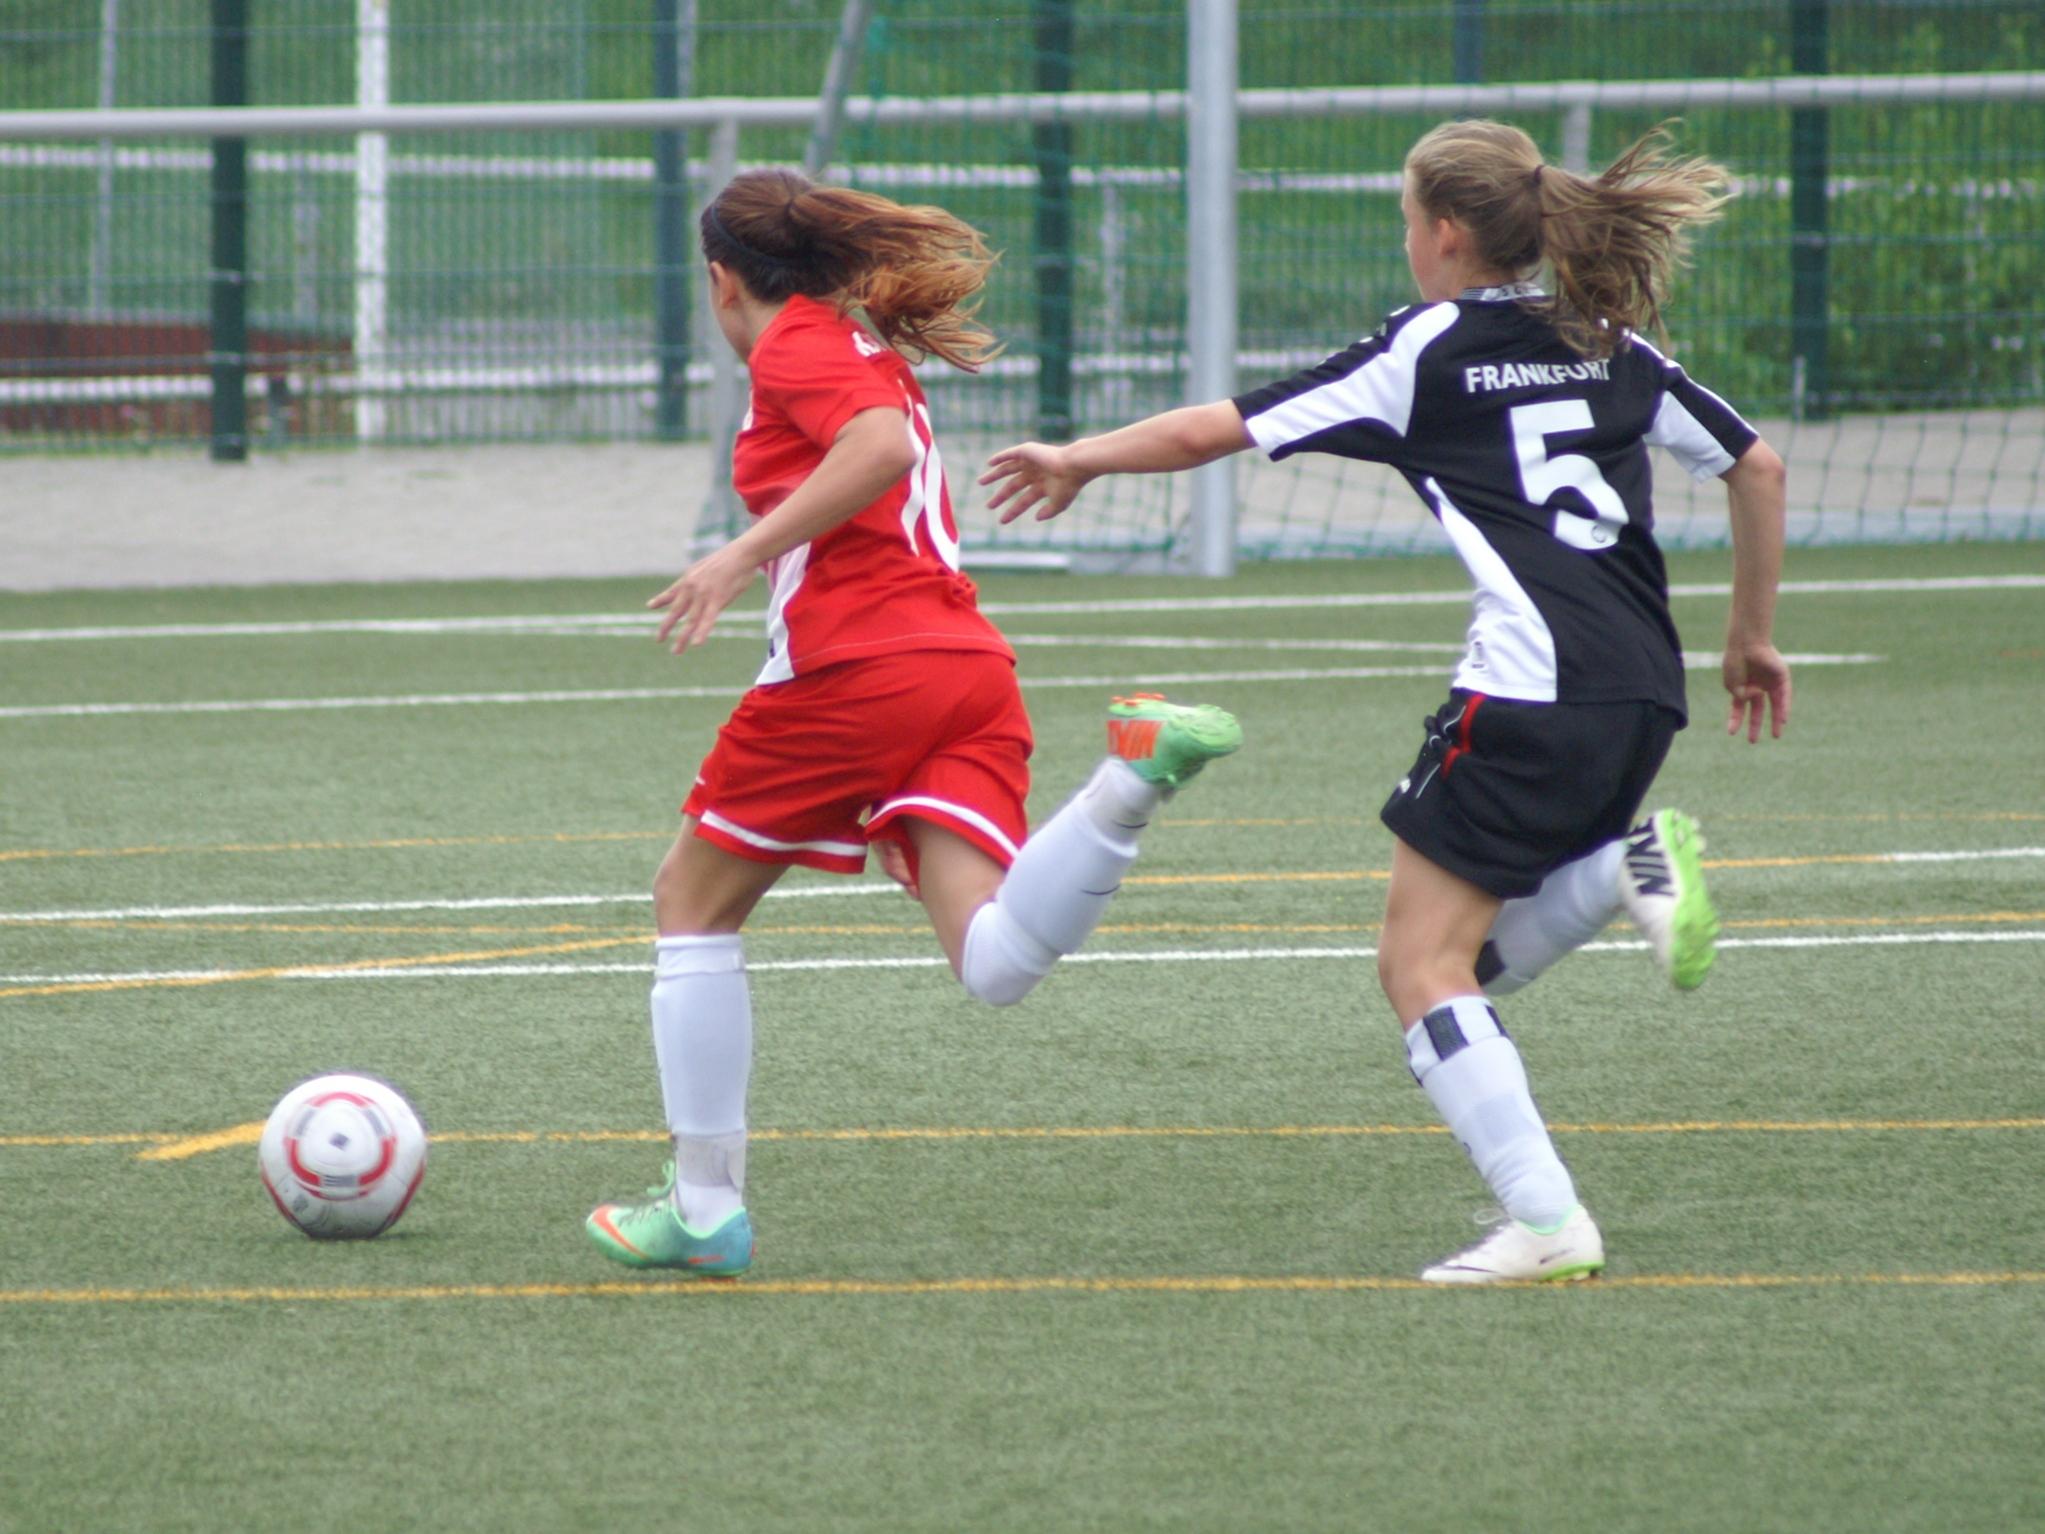 KSV C-M�dchen - Eintracht Frankfurt: Angelina Arnold st�rmt davon